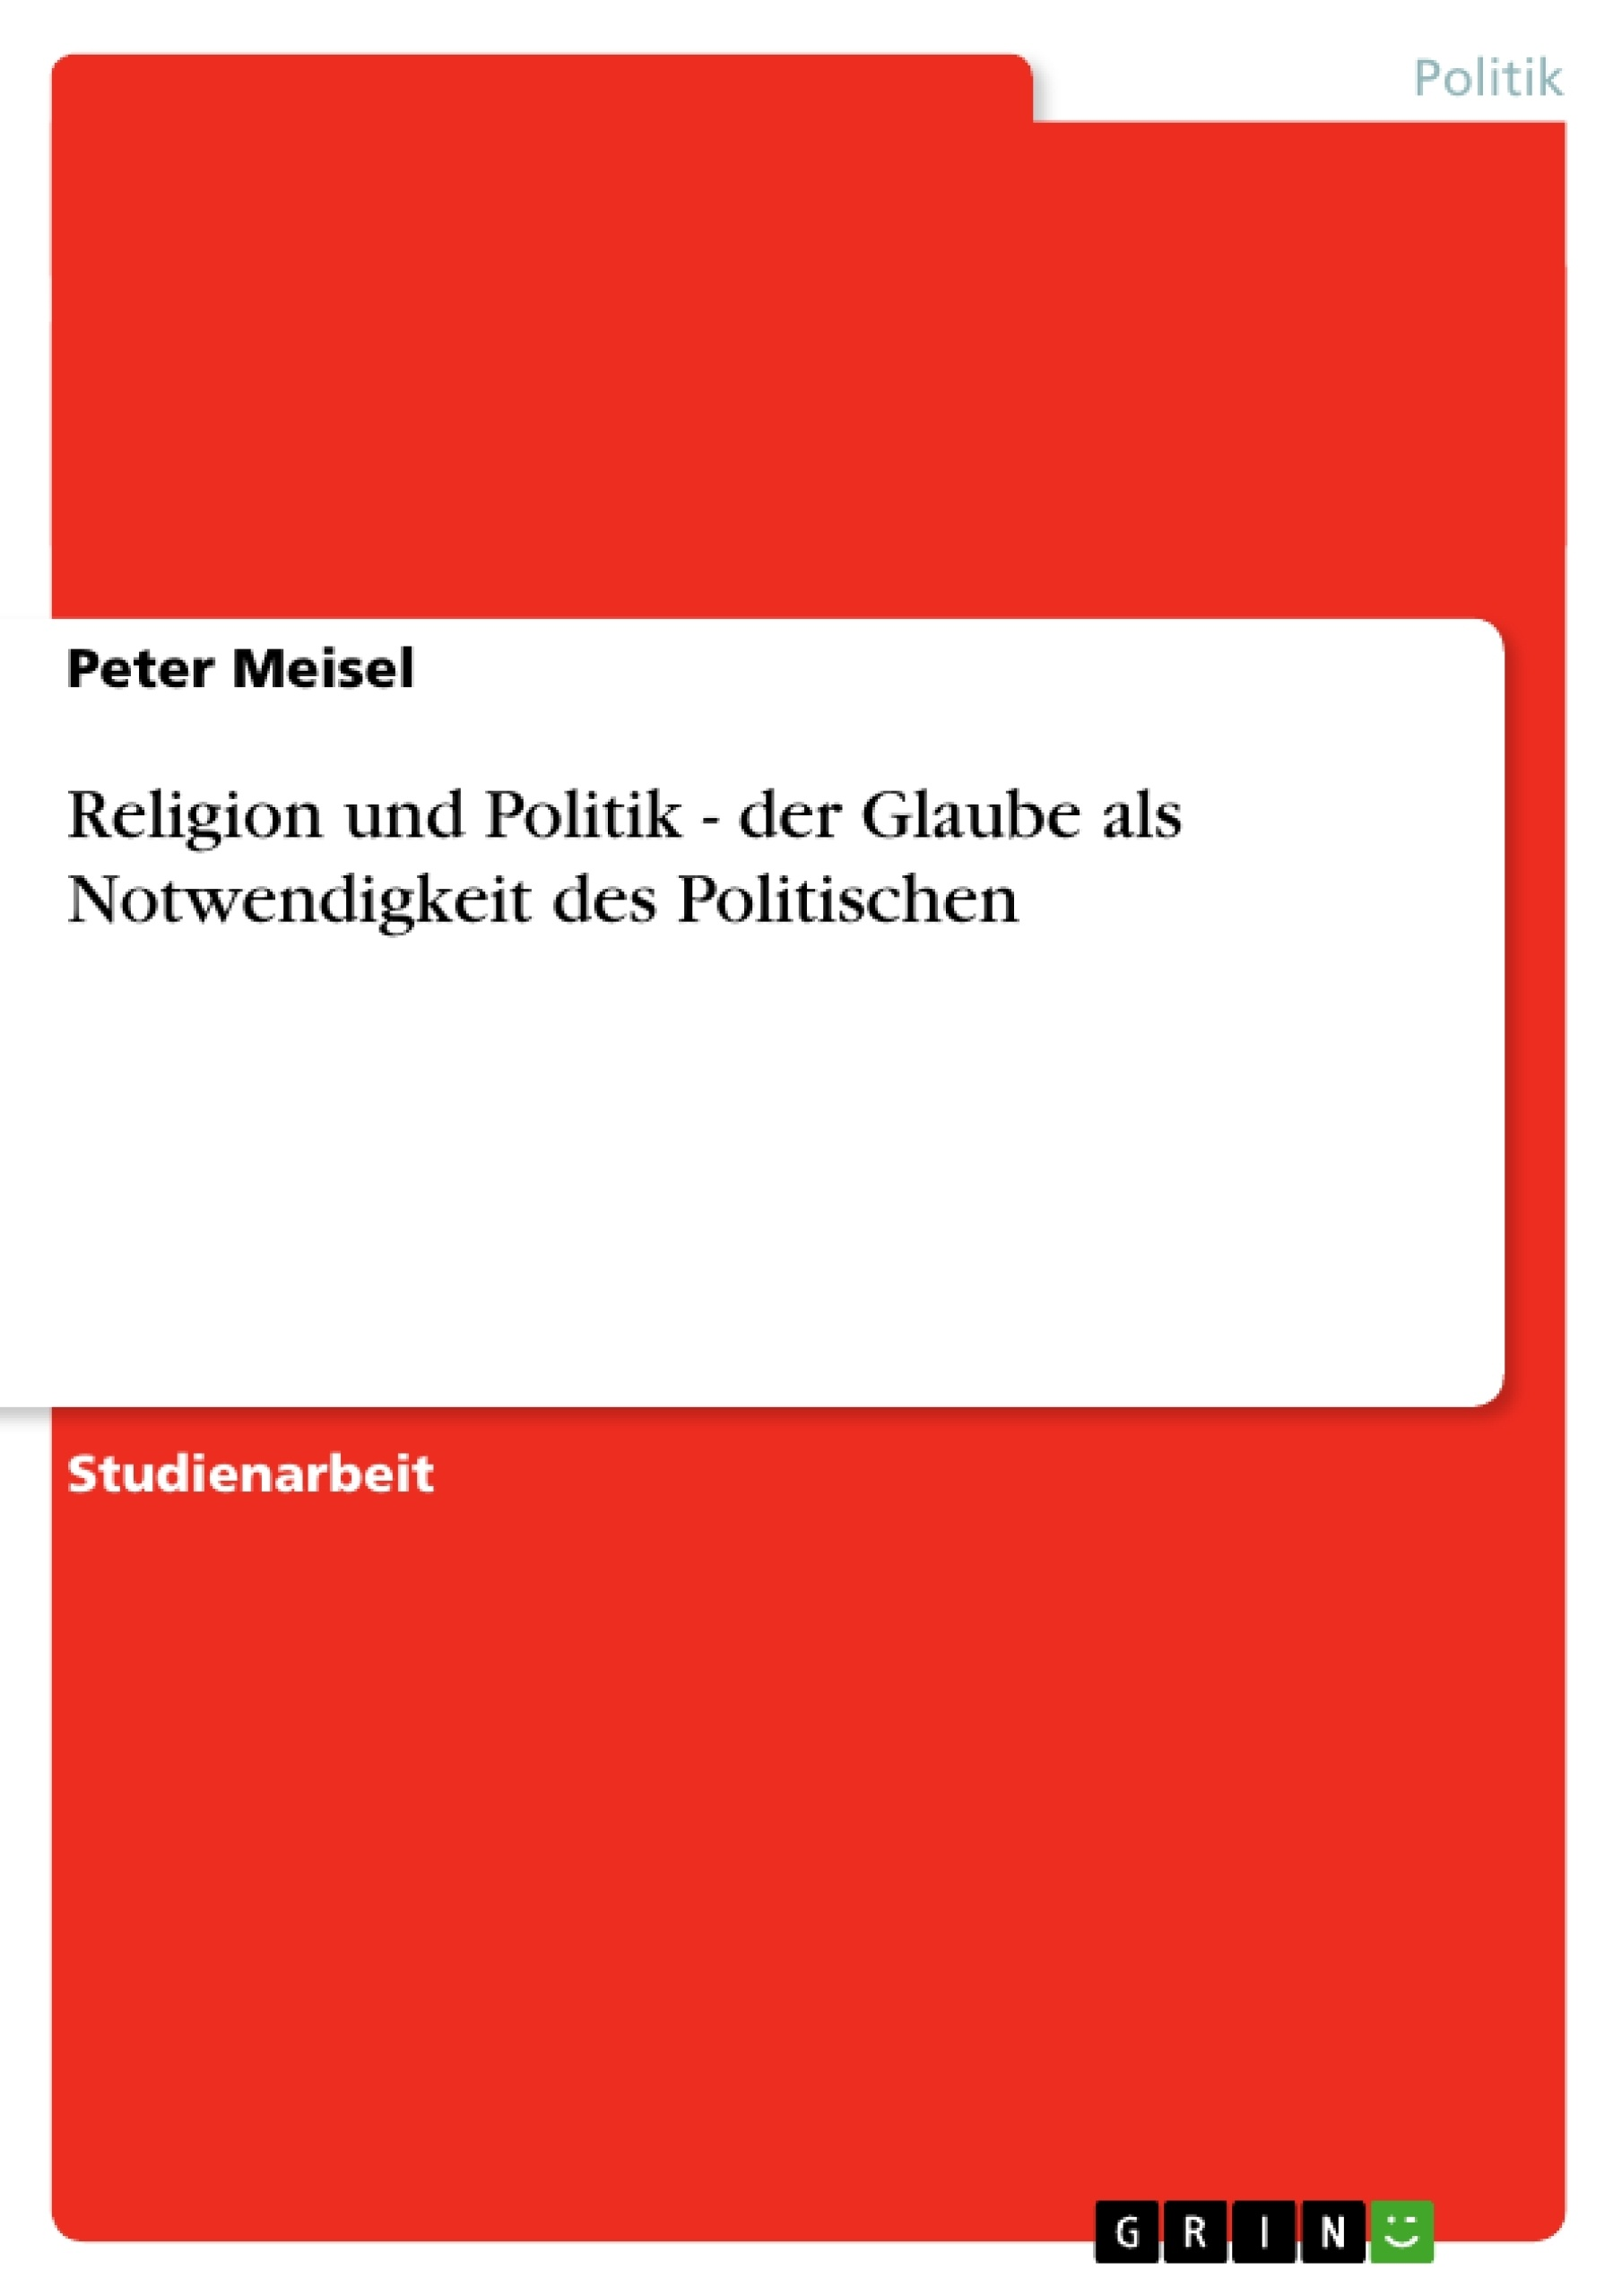 Titel: Religion und Politik - der Glaube als Notwendigkeit des Politischen